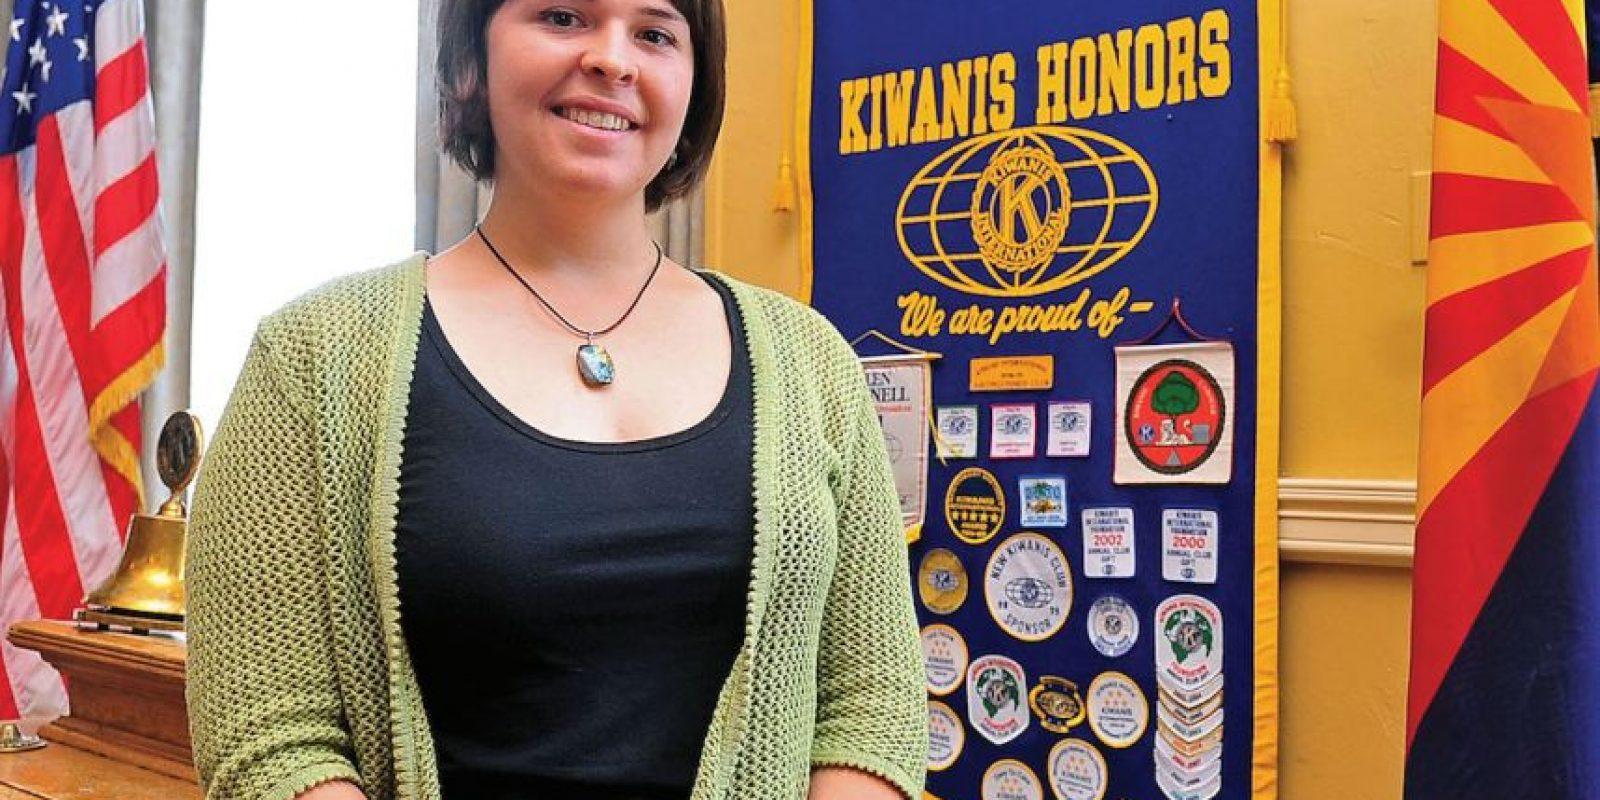 La joven de 26 años llegó en 2012 a la frontera de Turquía y Siria para ofrecer ayuda humanitaria. Foto:AFP